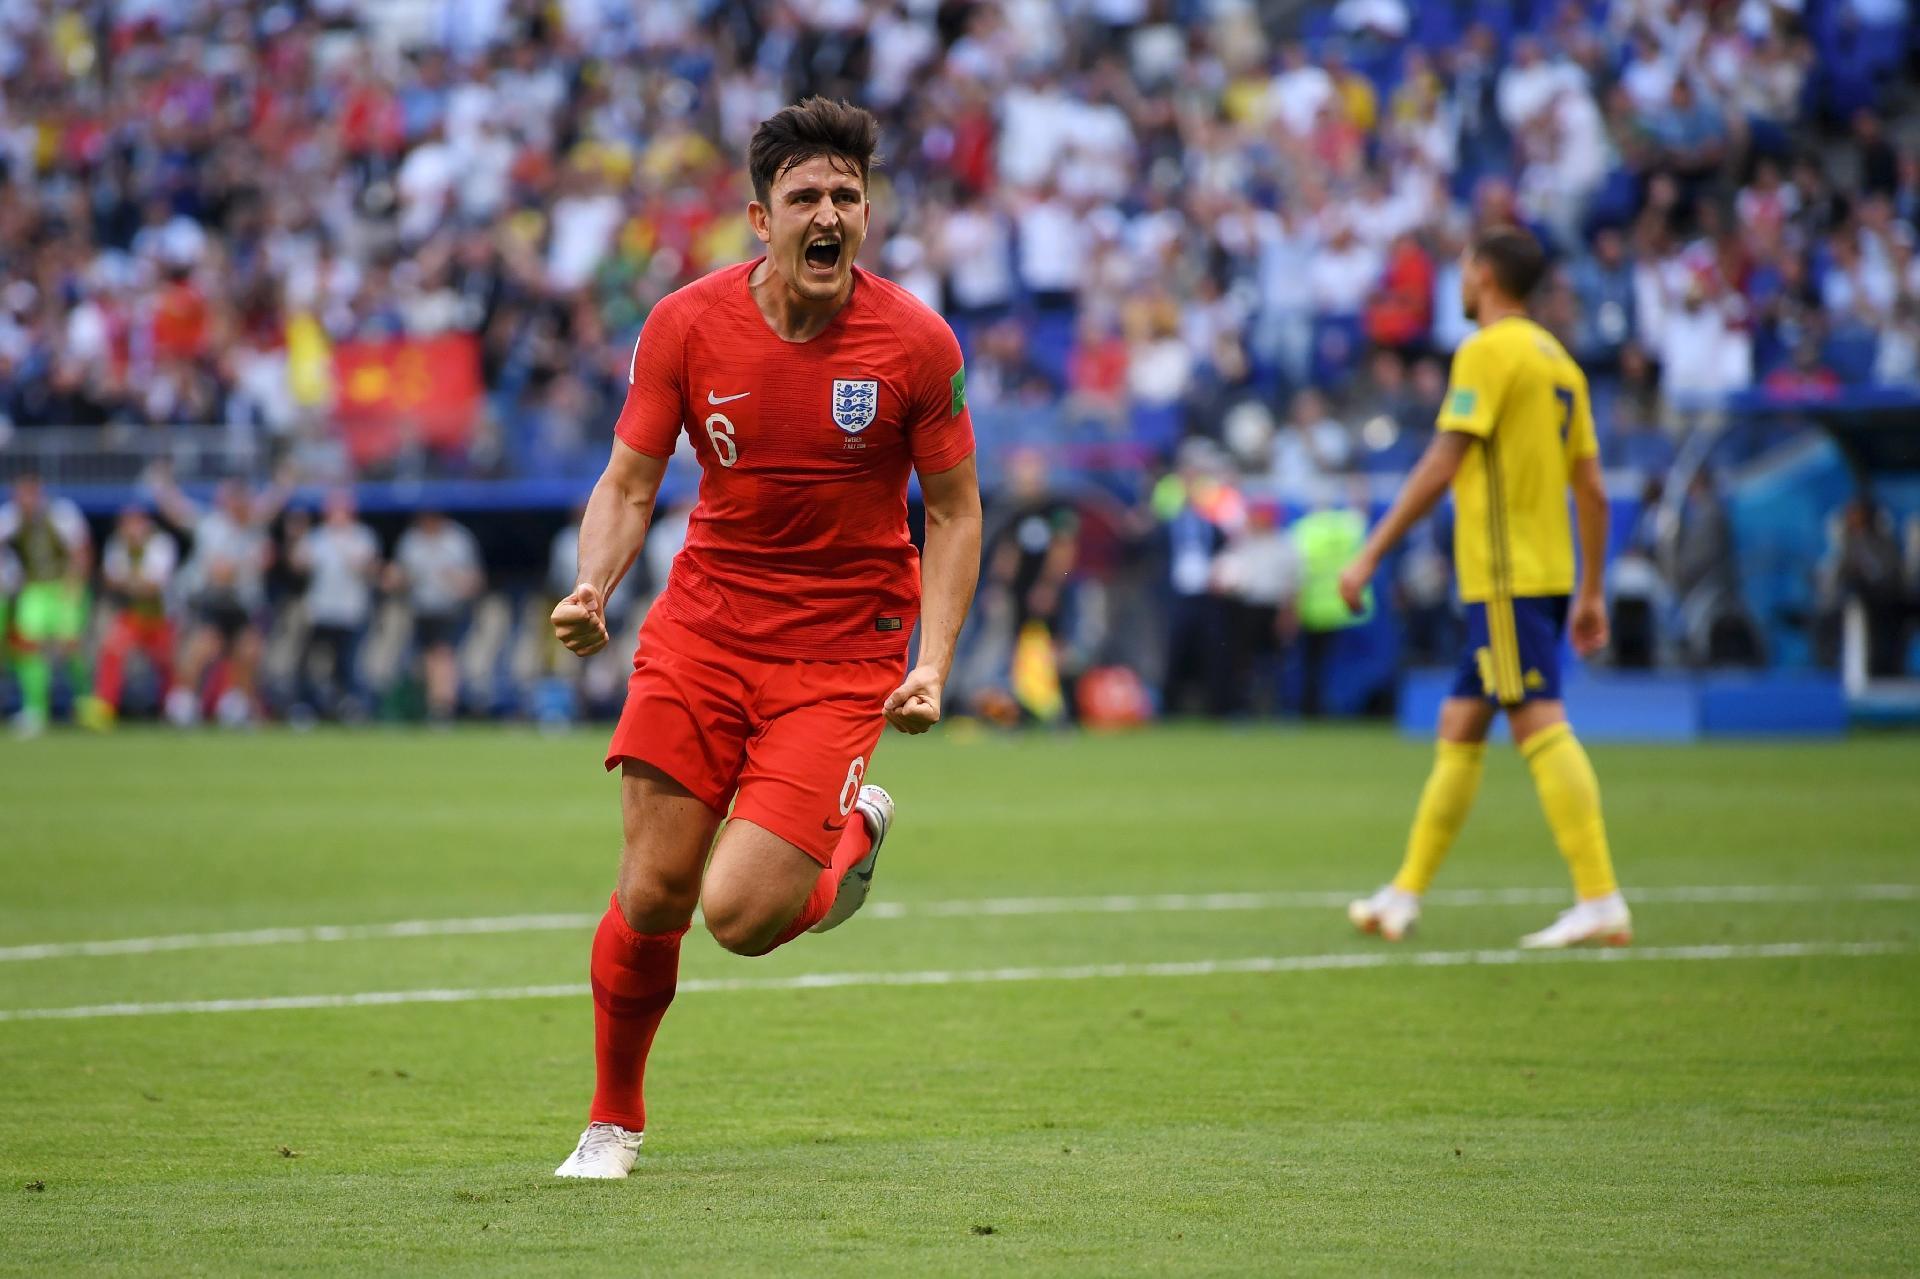 000e8e87d1a69 Inglaterra na Copa 2018  Torcedor há 2 anos